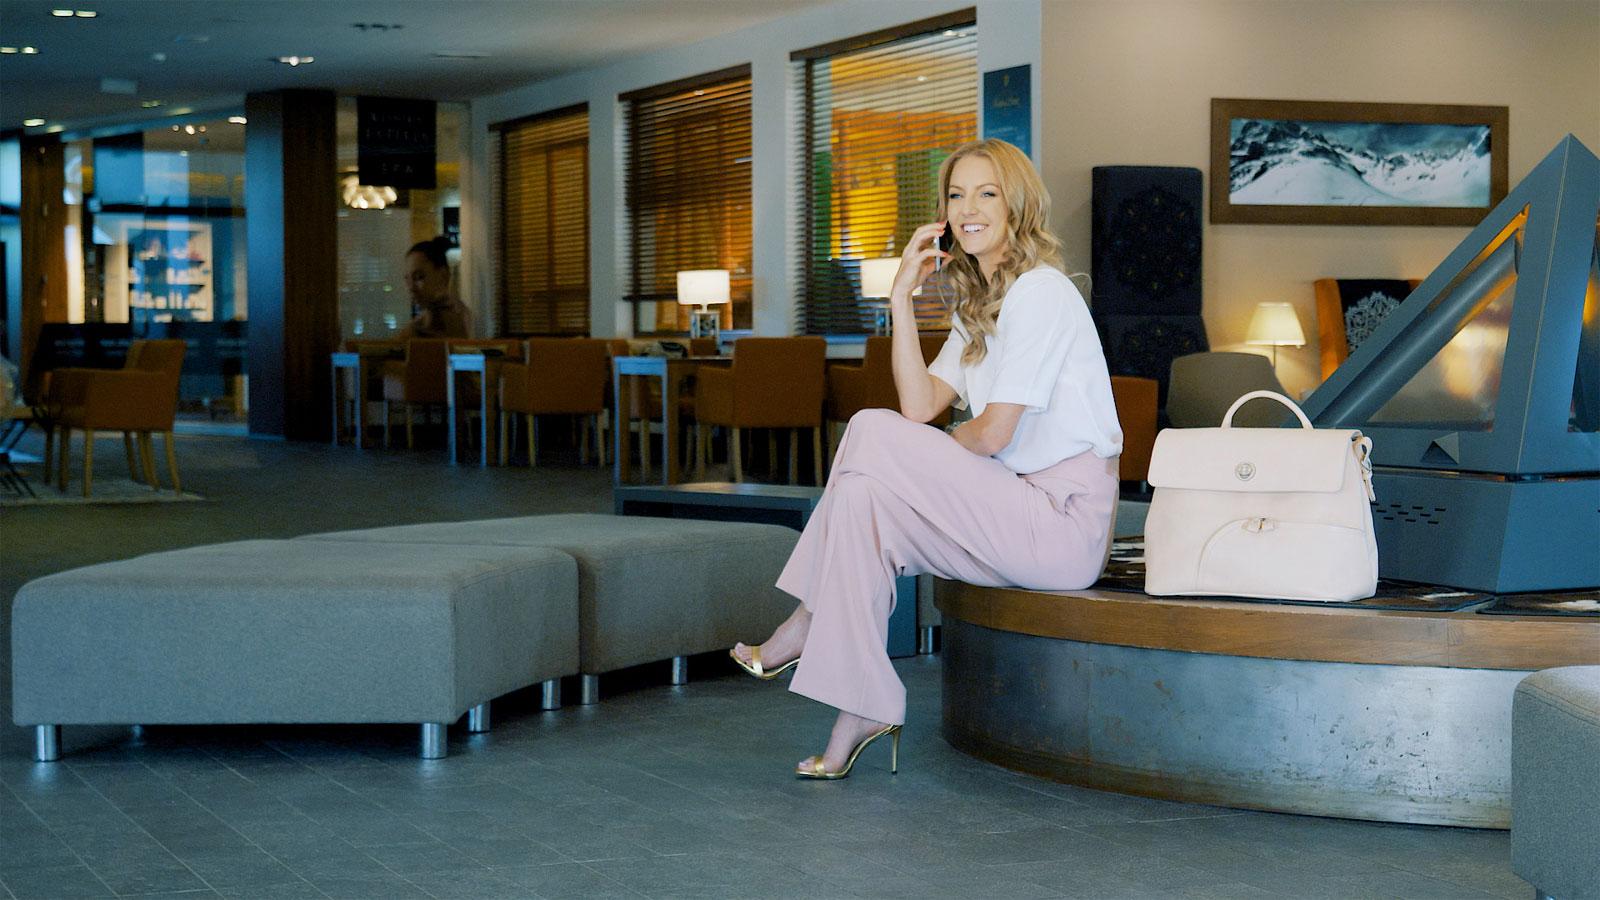 Urszula Radwańska, tenisistka, właścicielka marki UR, produkującej torebki